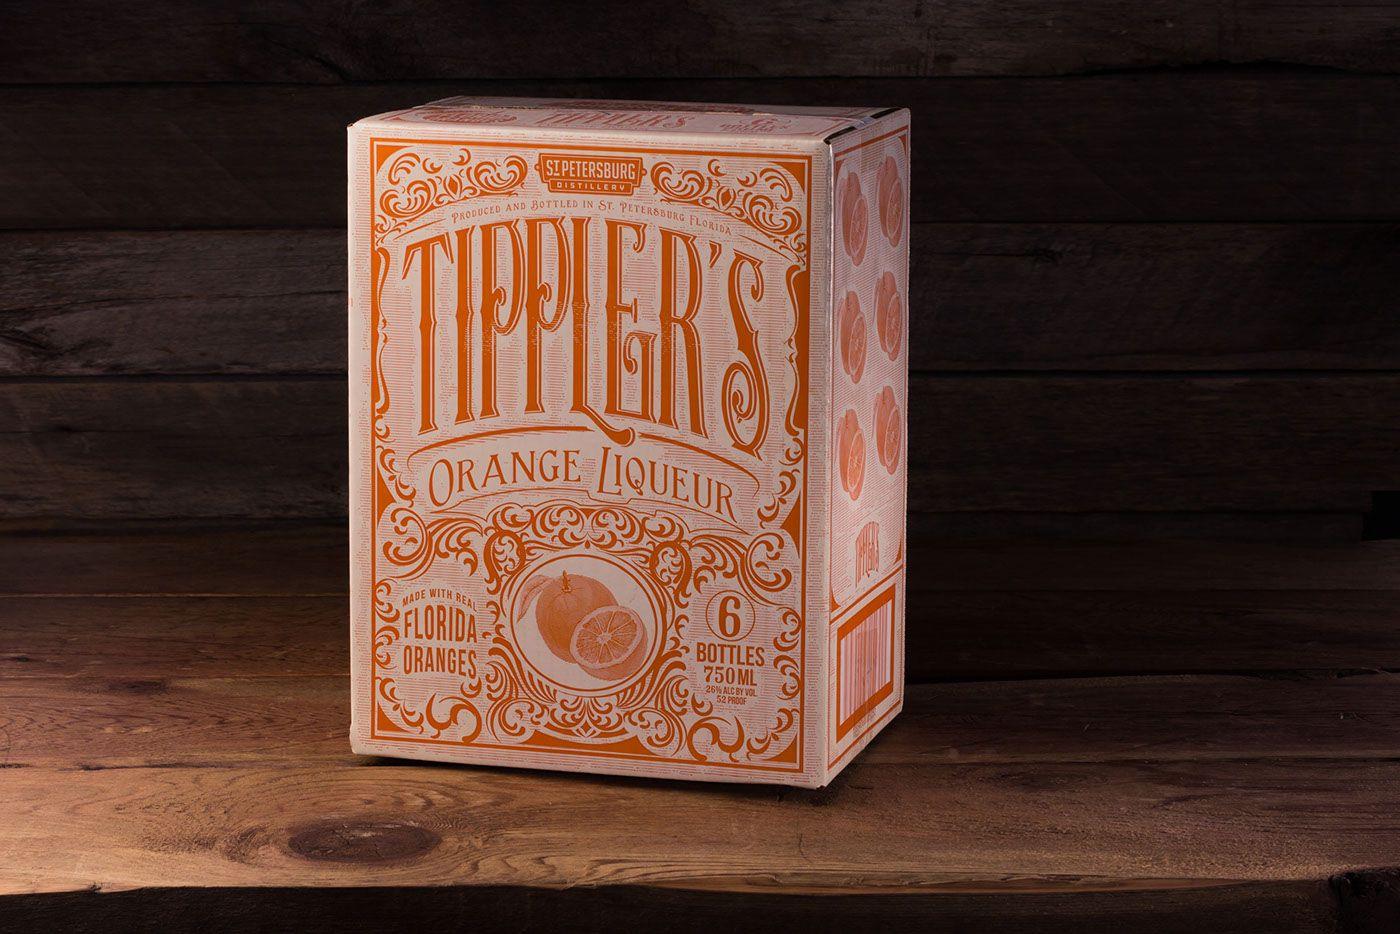 Tipplers Orange Liqueur #Carton